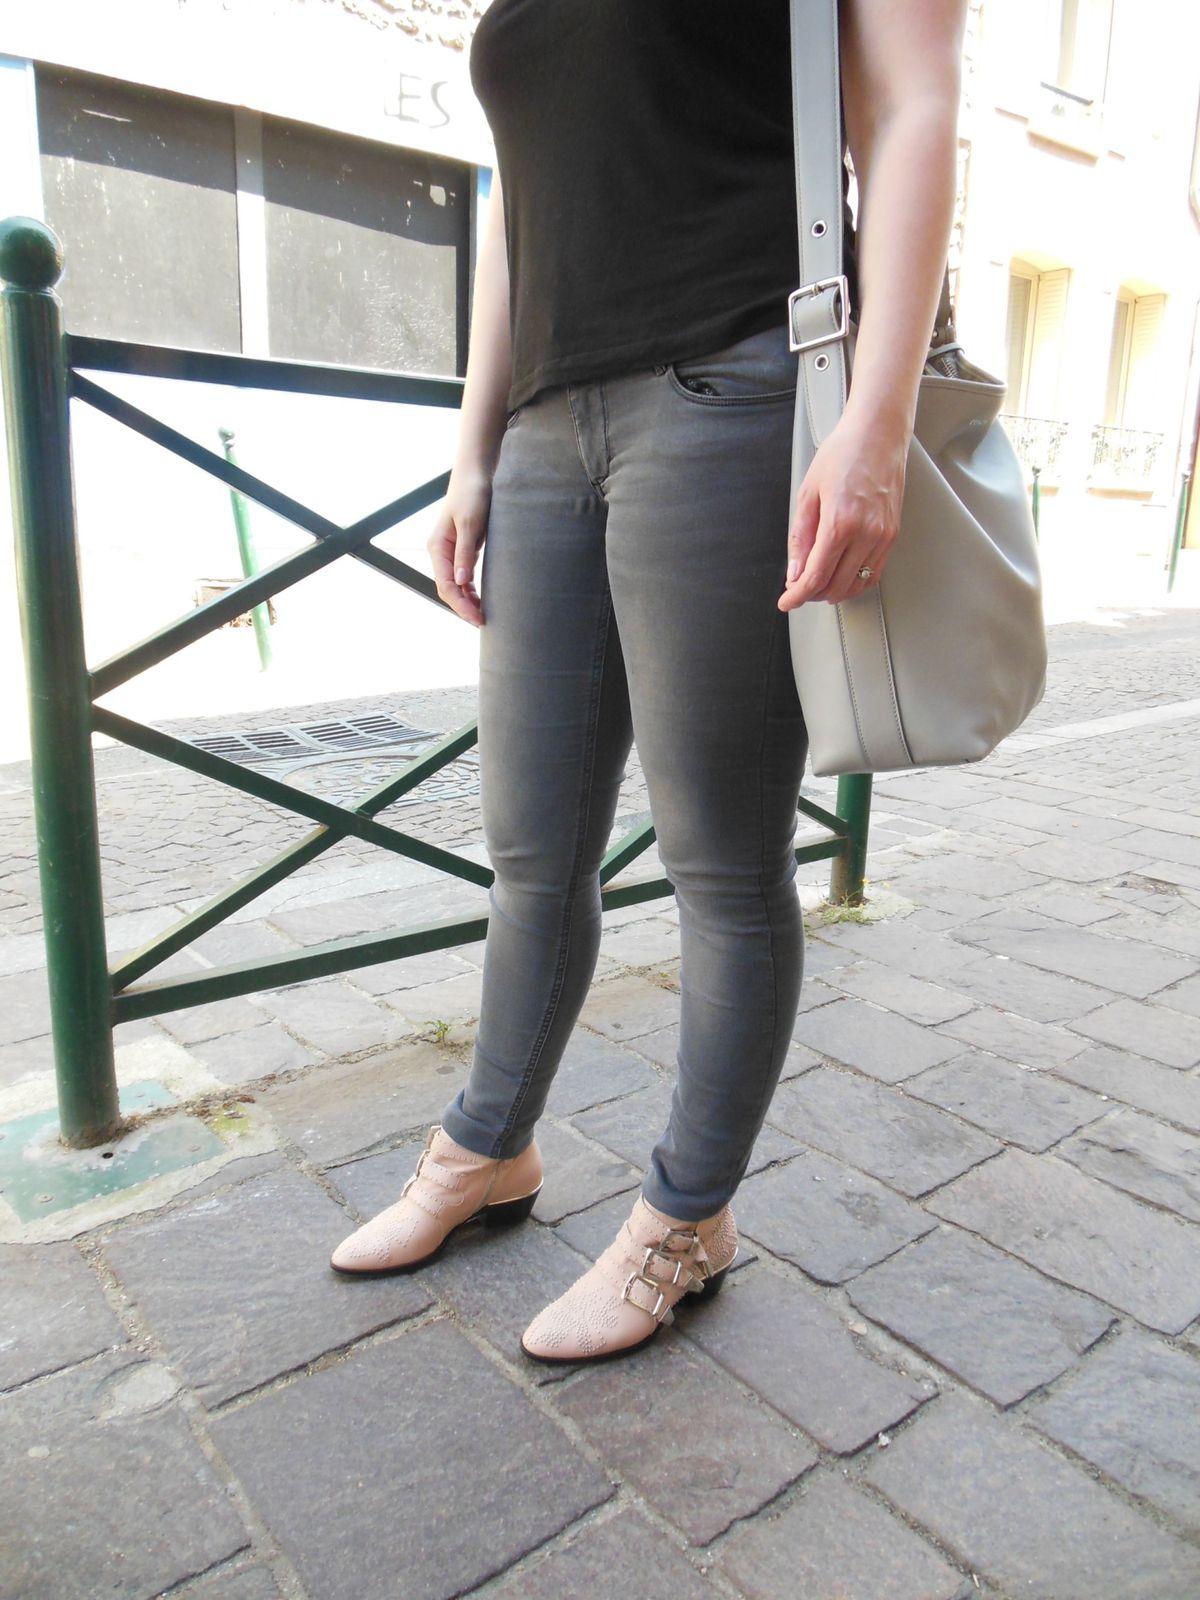 Teesh - H&M /// Slim - Zara /// Boots Susanna - Chloé /// Sac - Coach